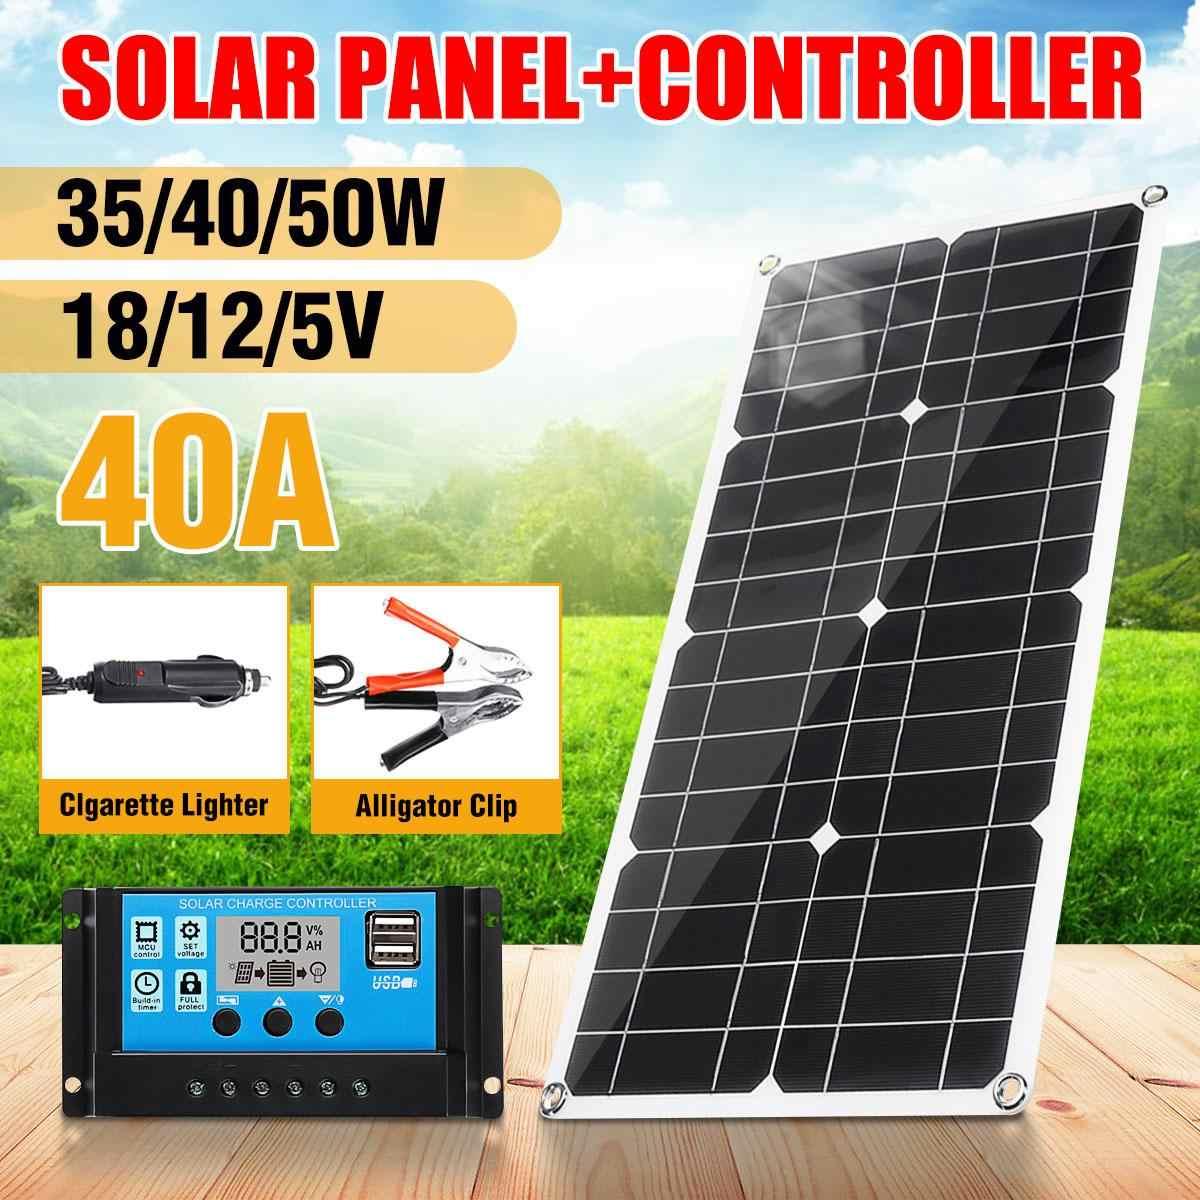 50 Вт солнечная панель 18 в/12 В/5 В солнечные батареи двойной USB поли солнечная панель выход 40А Контроллер для автомобиля яхты батарея зарядное устройство для лодки